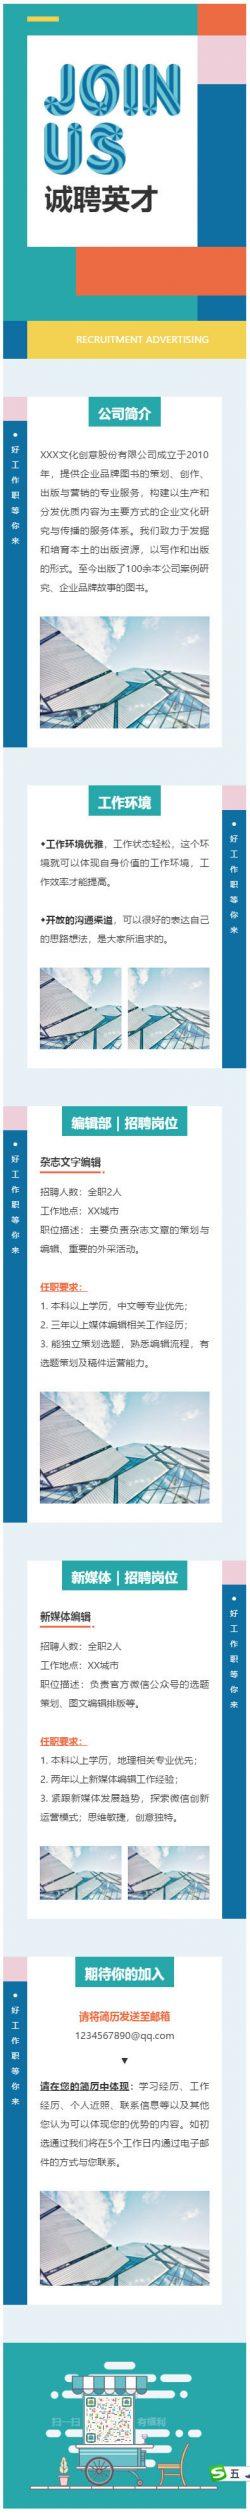 公司简介诚聘英才企业招聘微信公众号推文模板微信推送素材